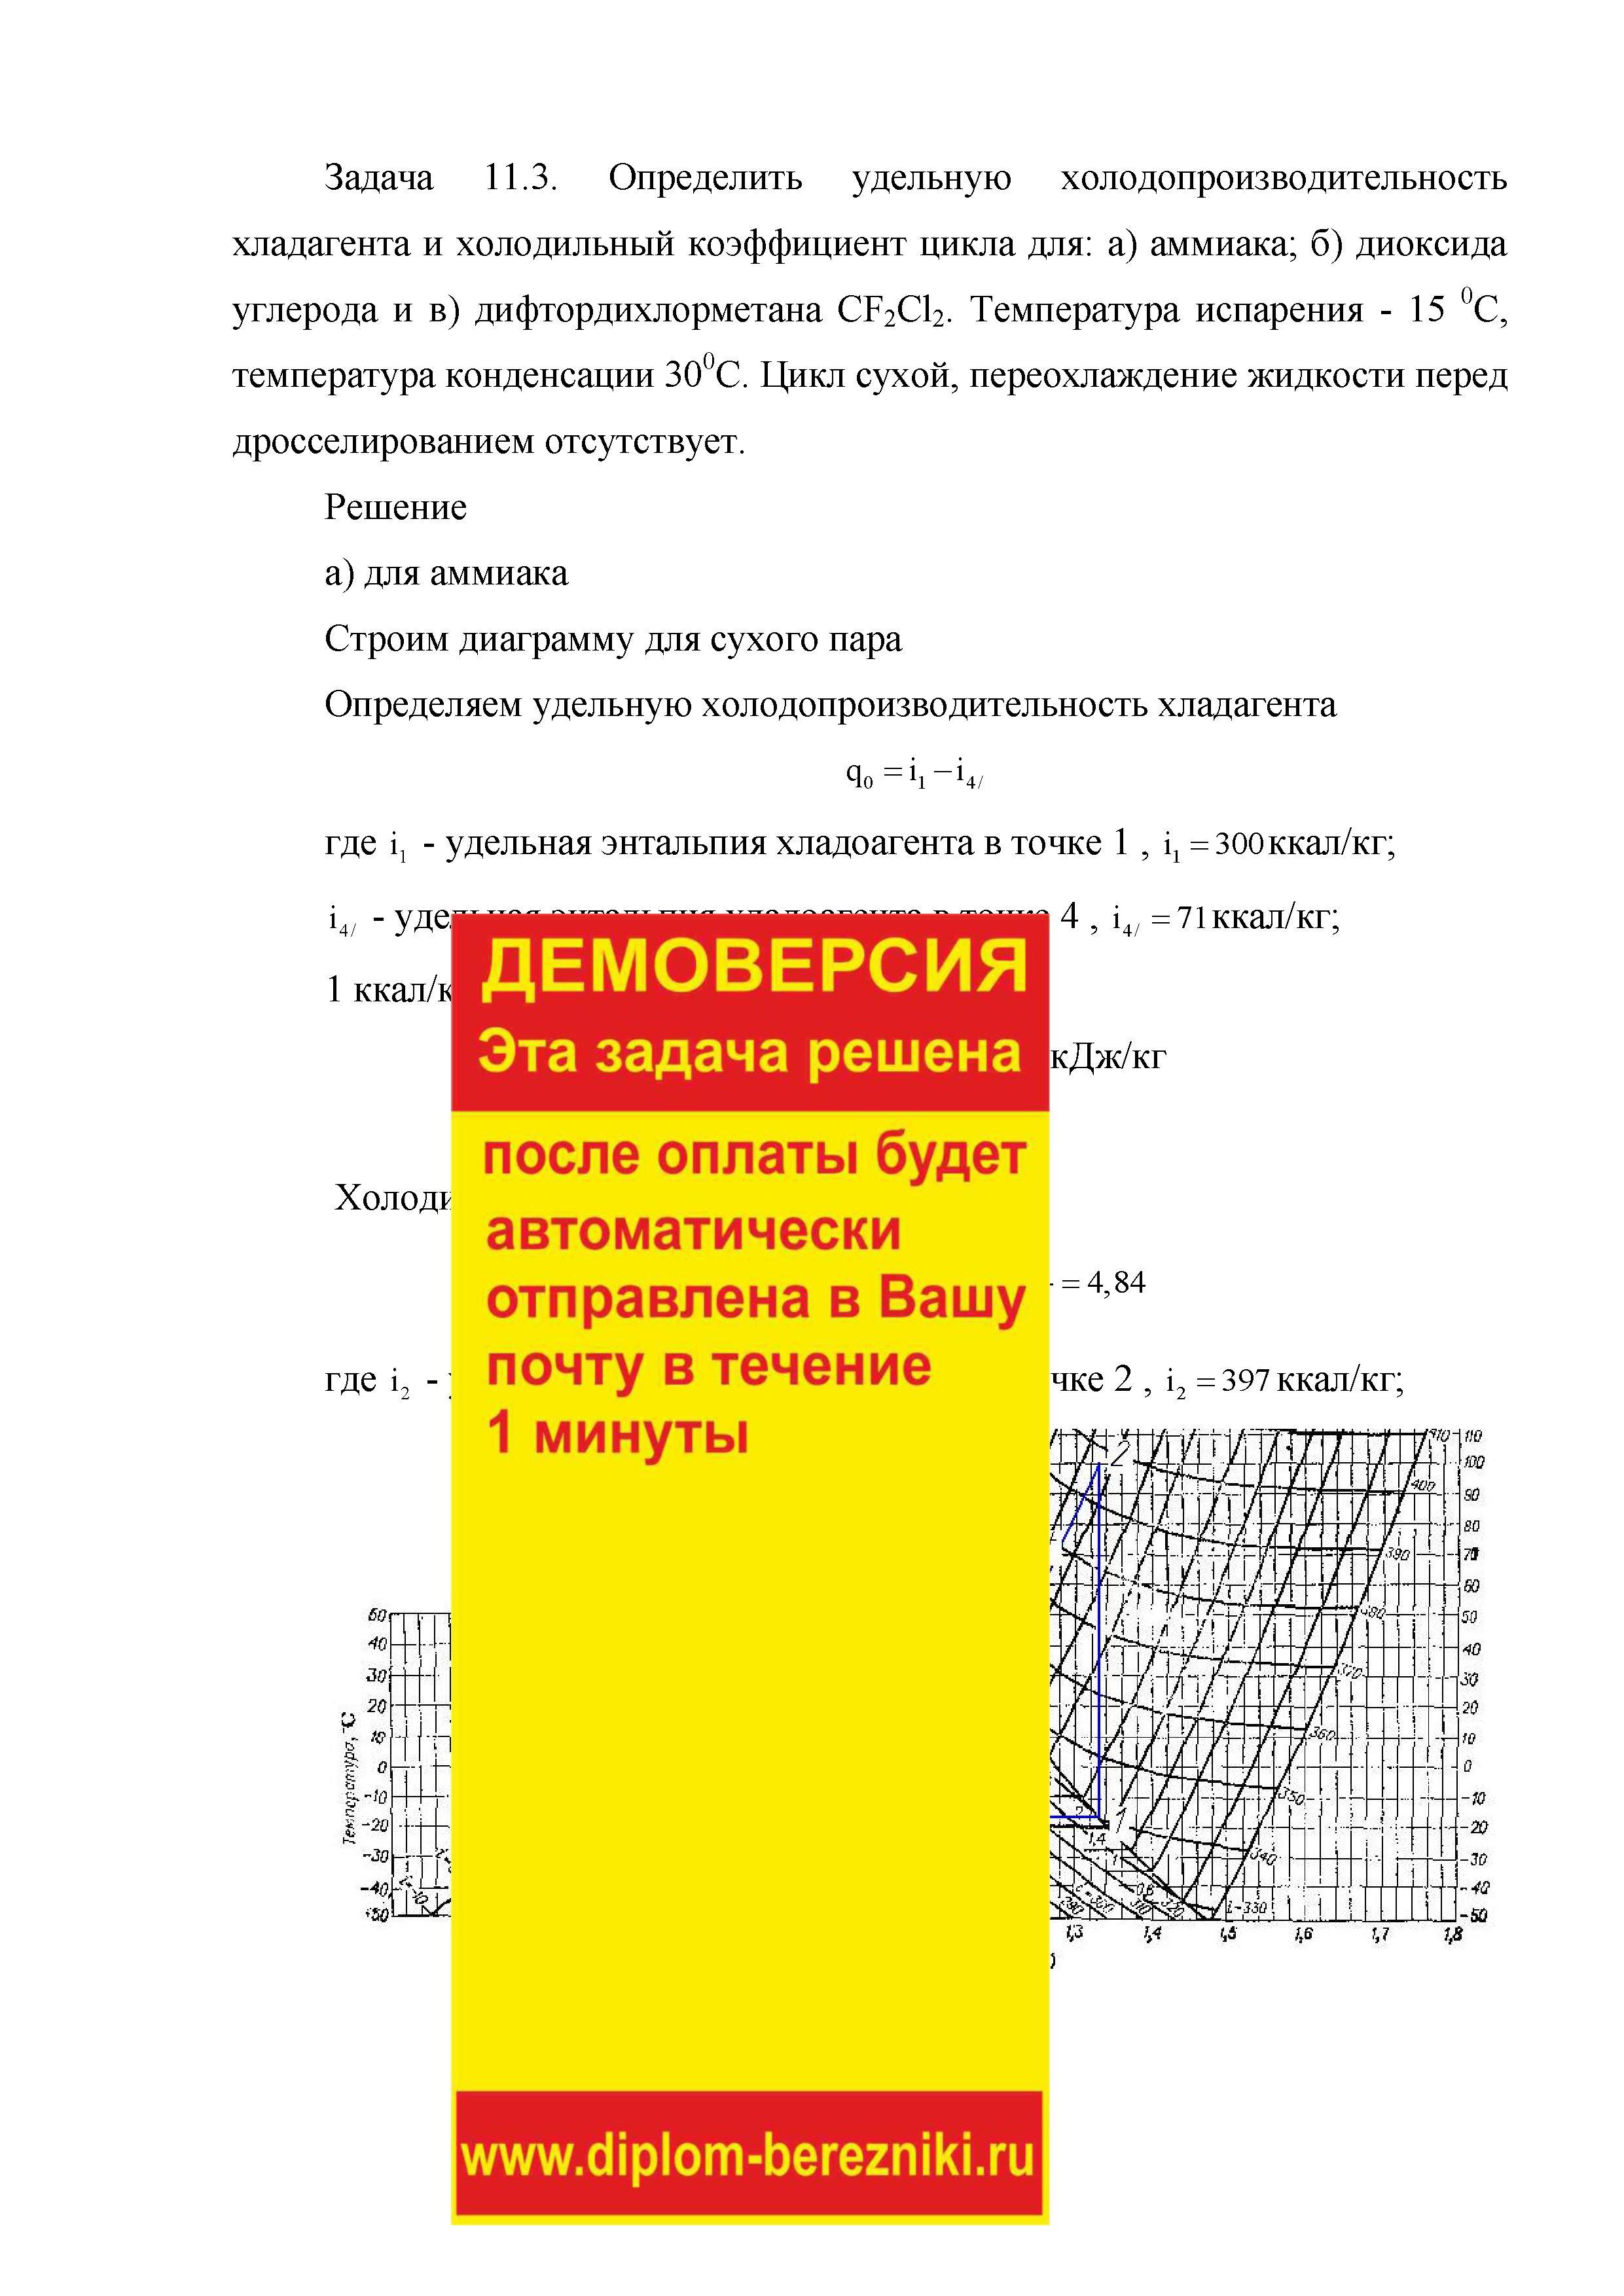 Решение задачи 11.3 по ПАХТ из задачника Павлова Романкова Носкова